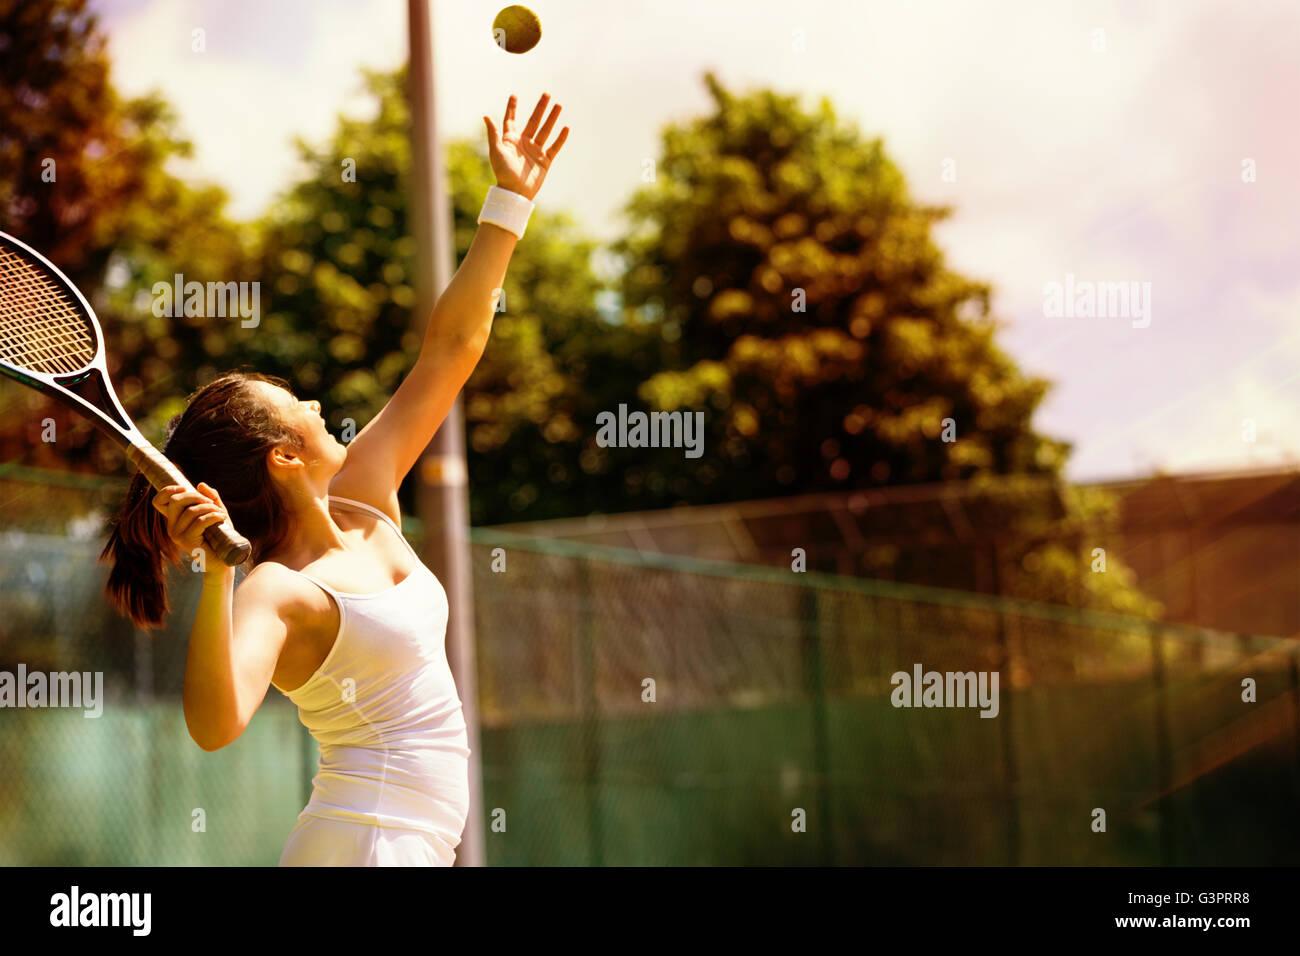 Vista trasera del jugador de tenis que sirve Imagen De Stock